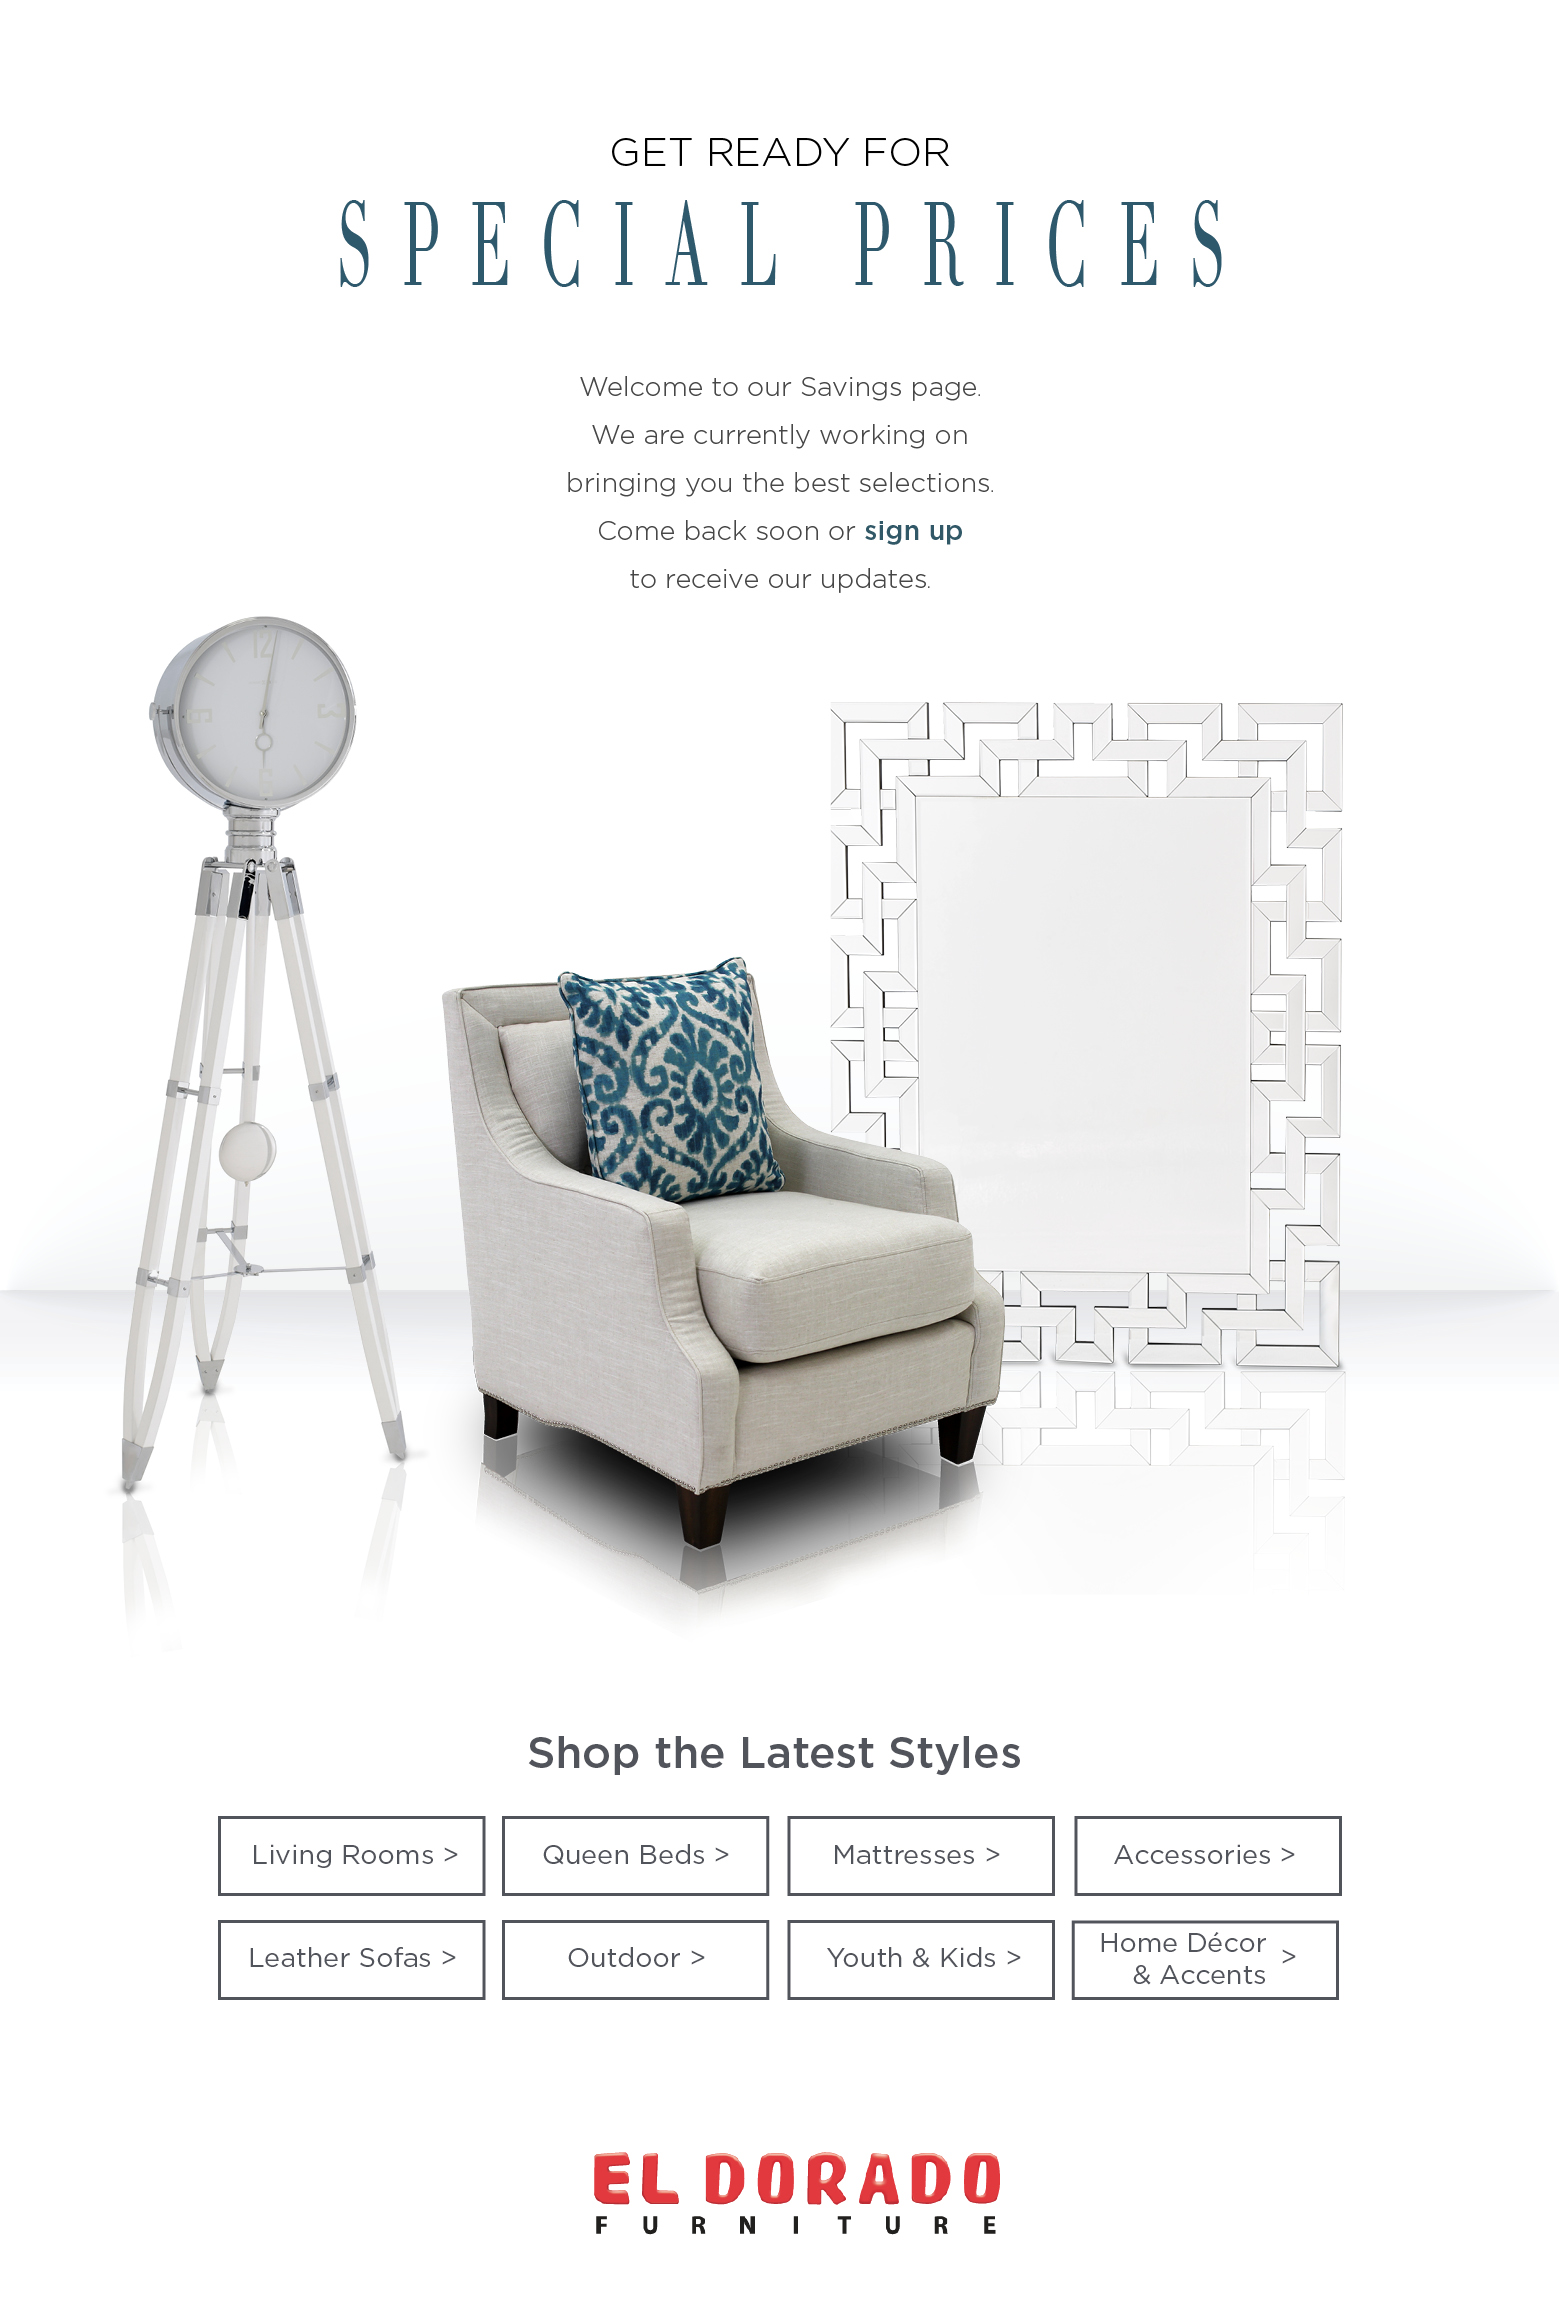 Labor Day Sales Event   El Dorado Furniture